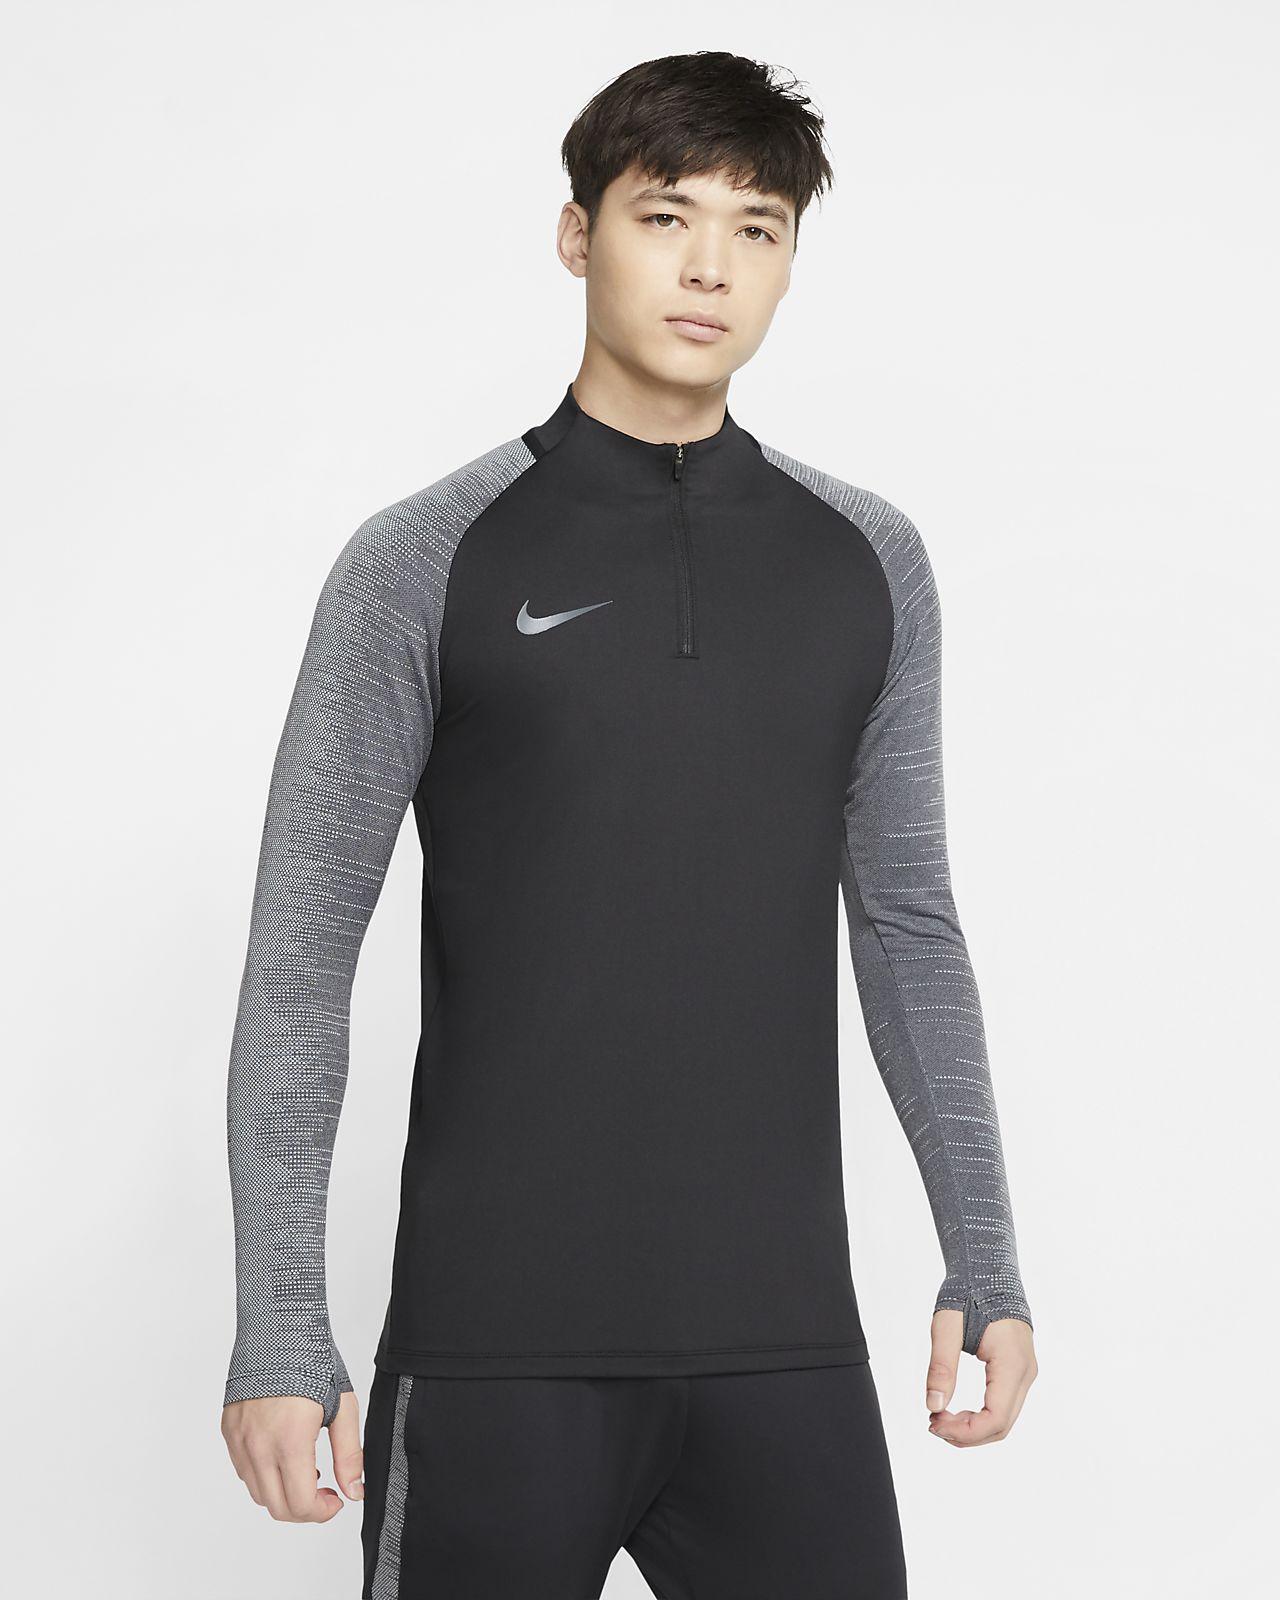 เสื้อฝึกซ้อมฟุตบอลผู้ชาย Nike Dri-FIT Strike